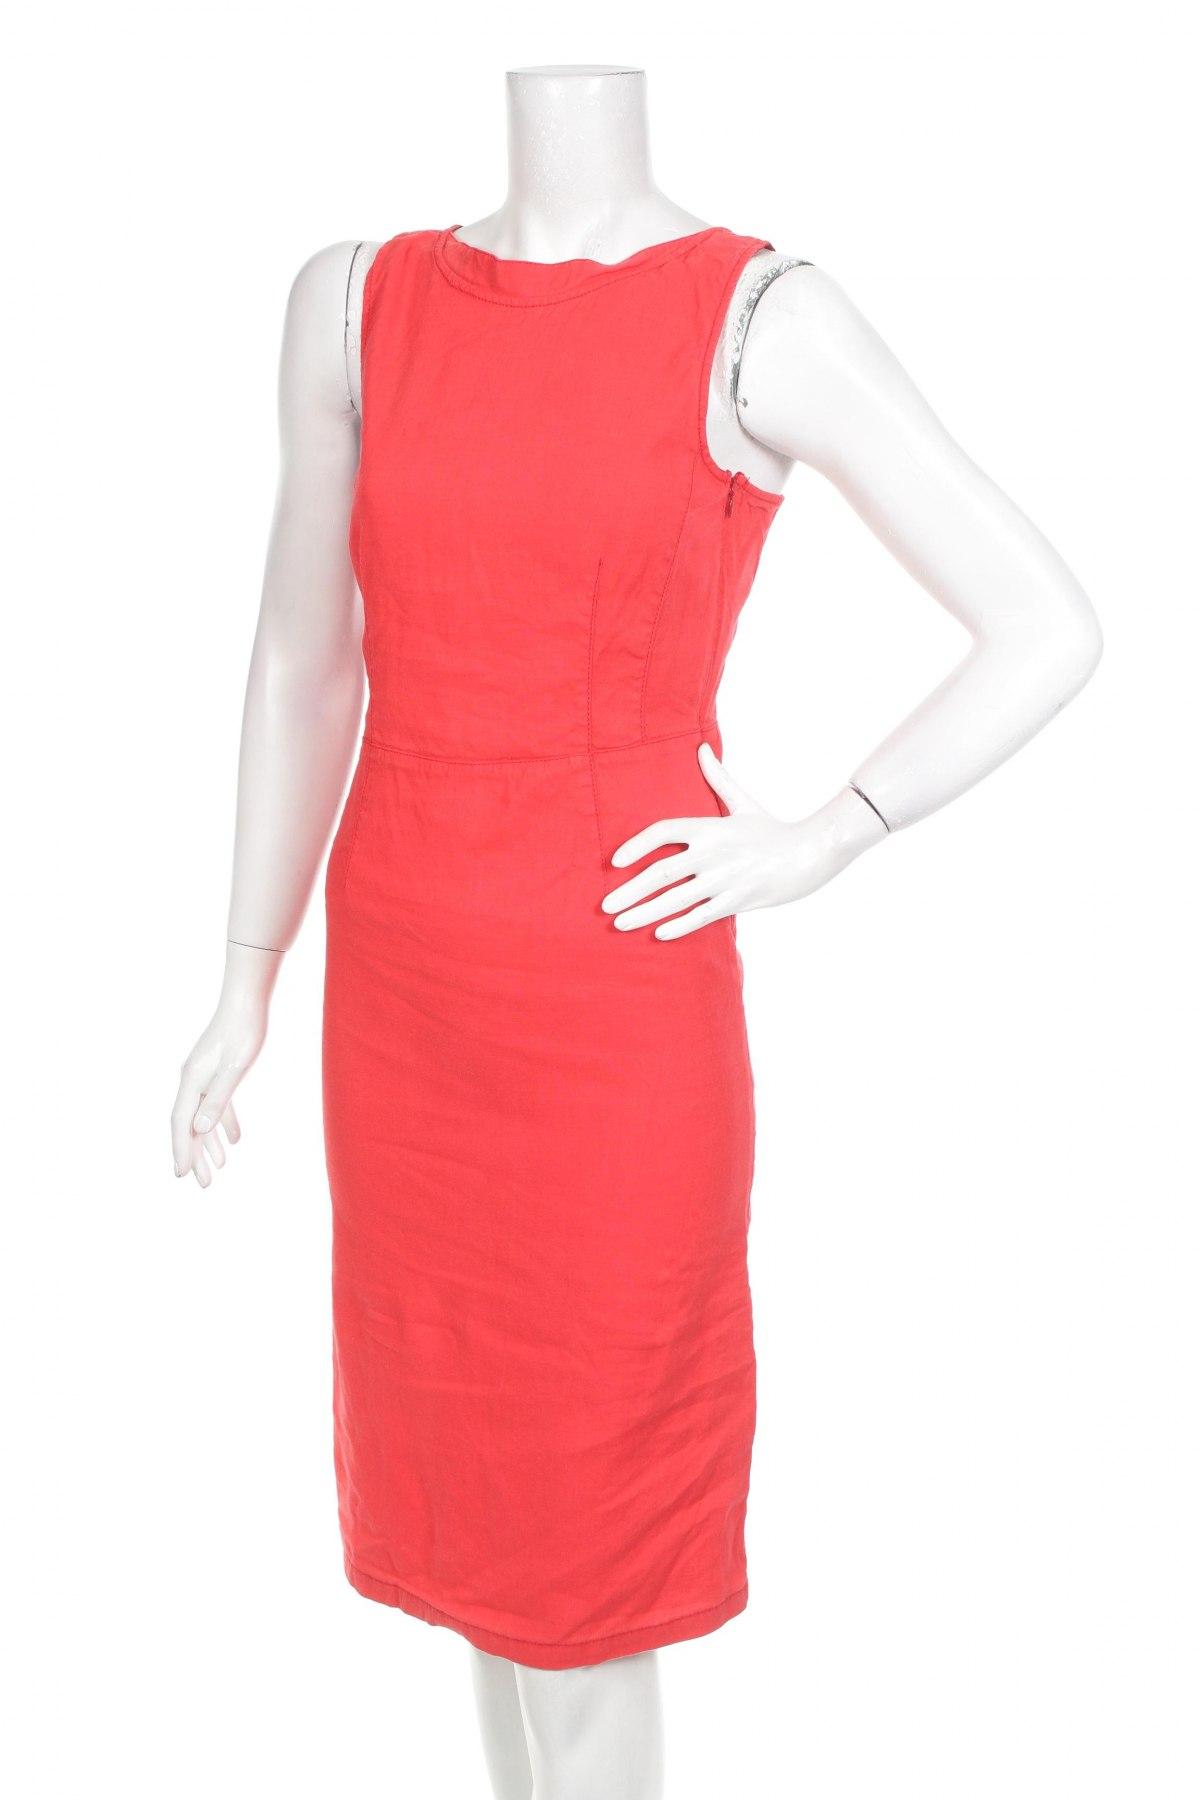 c704f4df9d Sukienka Armani Jeans - kup w korzystnych cenach na Remix -  101844498